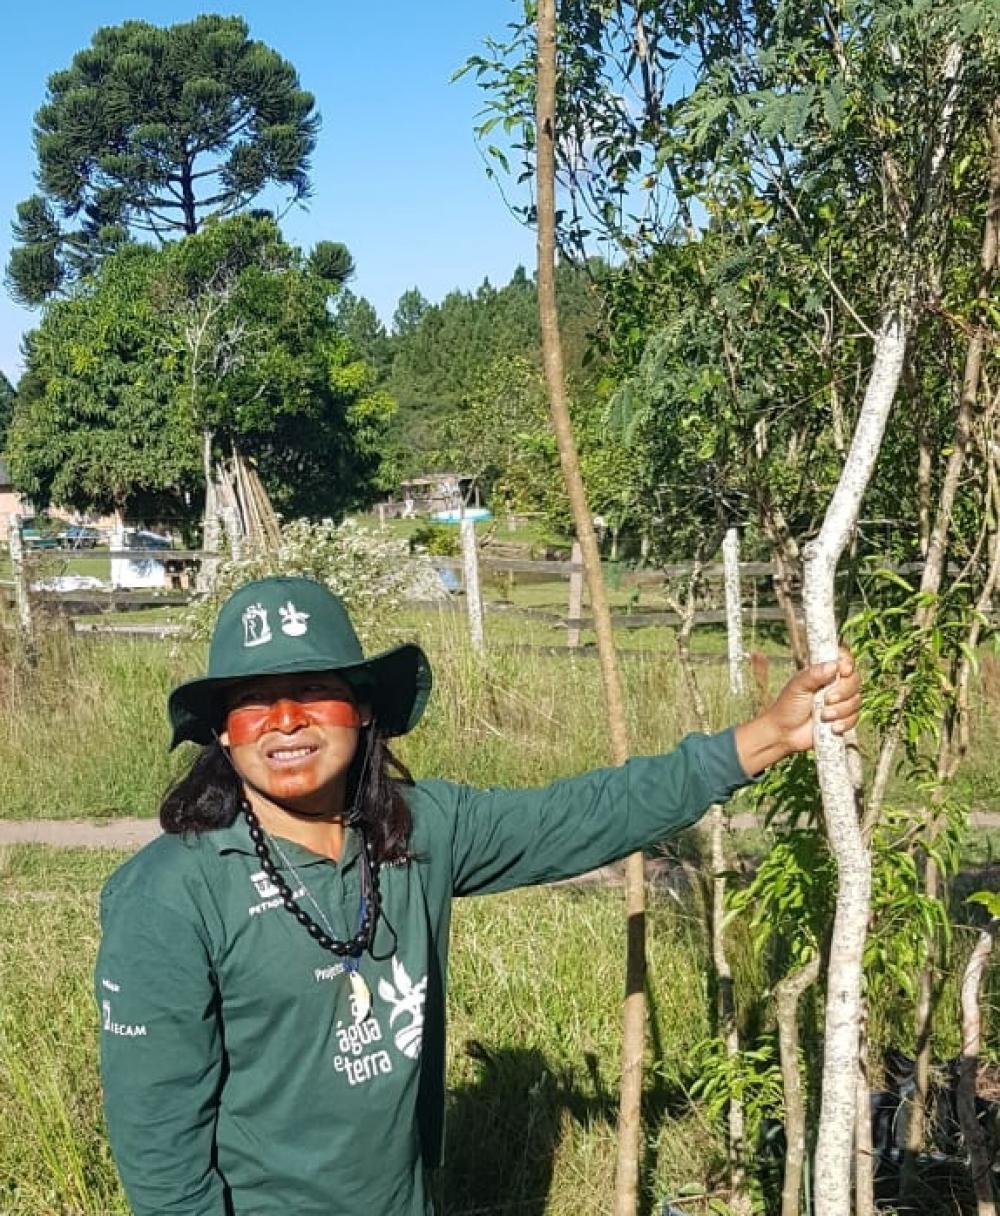 Projeto Ar, Água e Terra: Vida e Cultura Guarani realizou plantio em aldeia indígena em Porto Alegre no Dia Internacional das Florestas